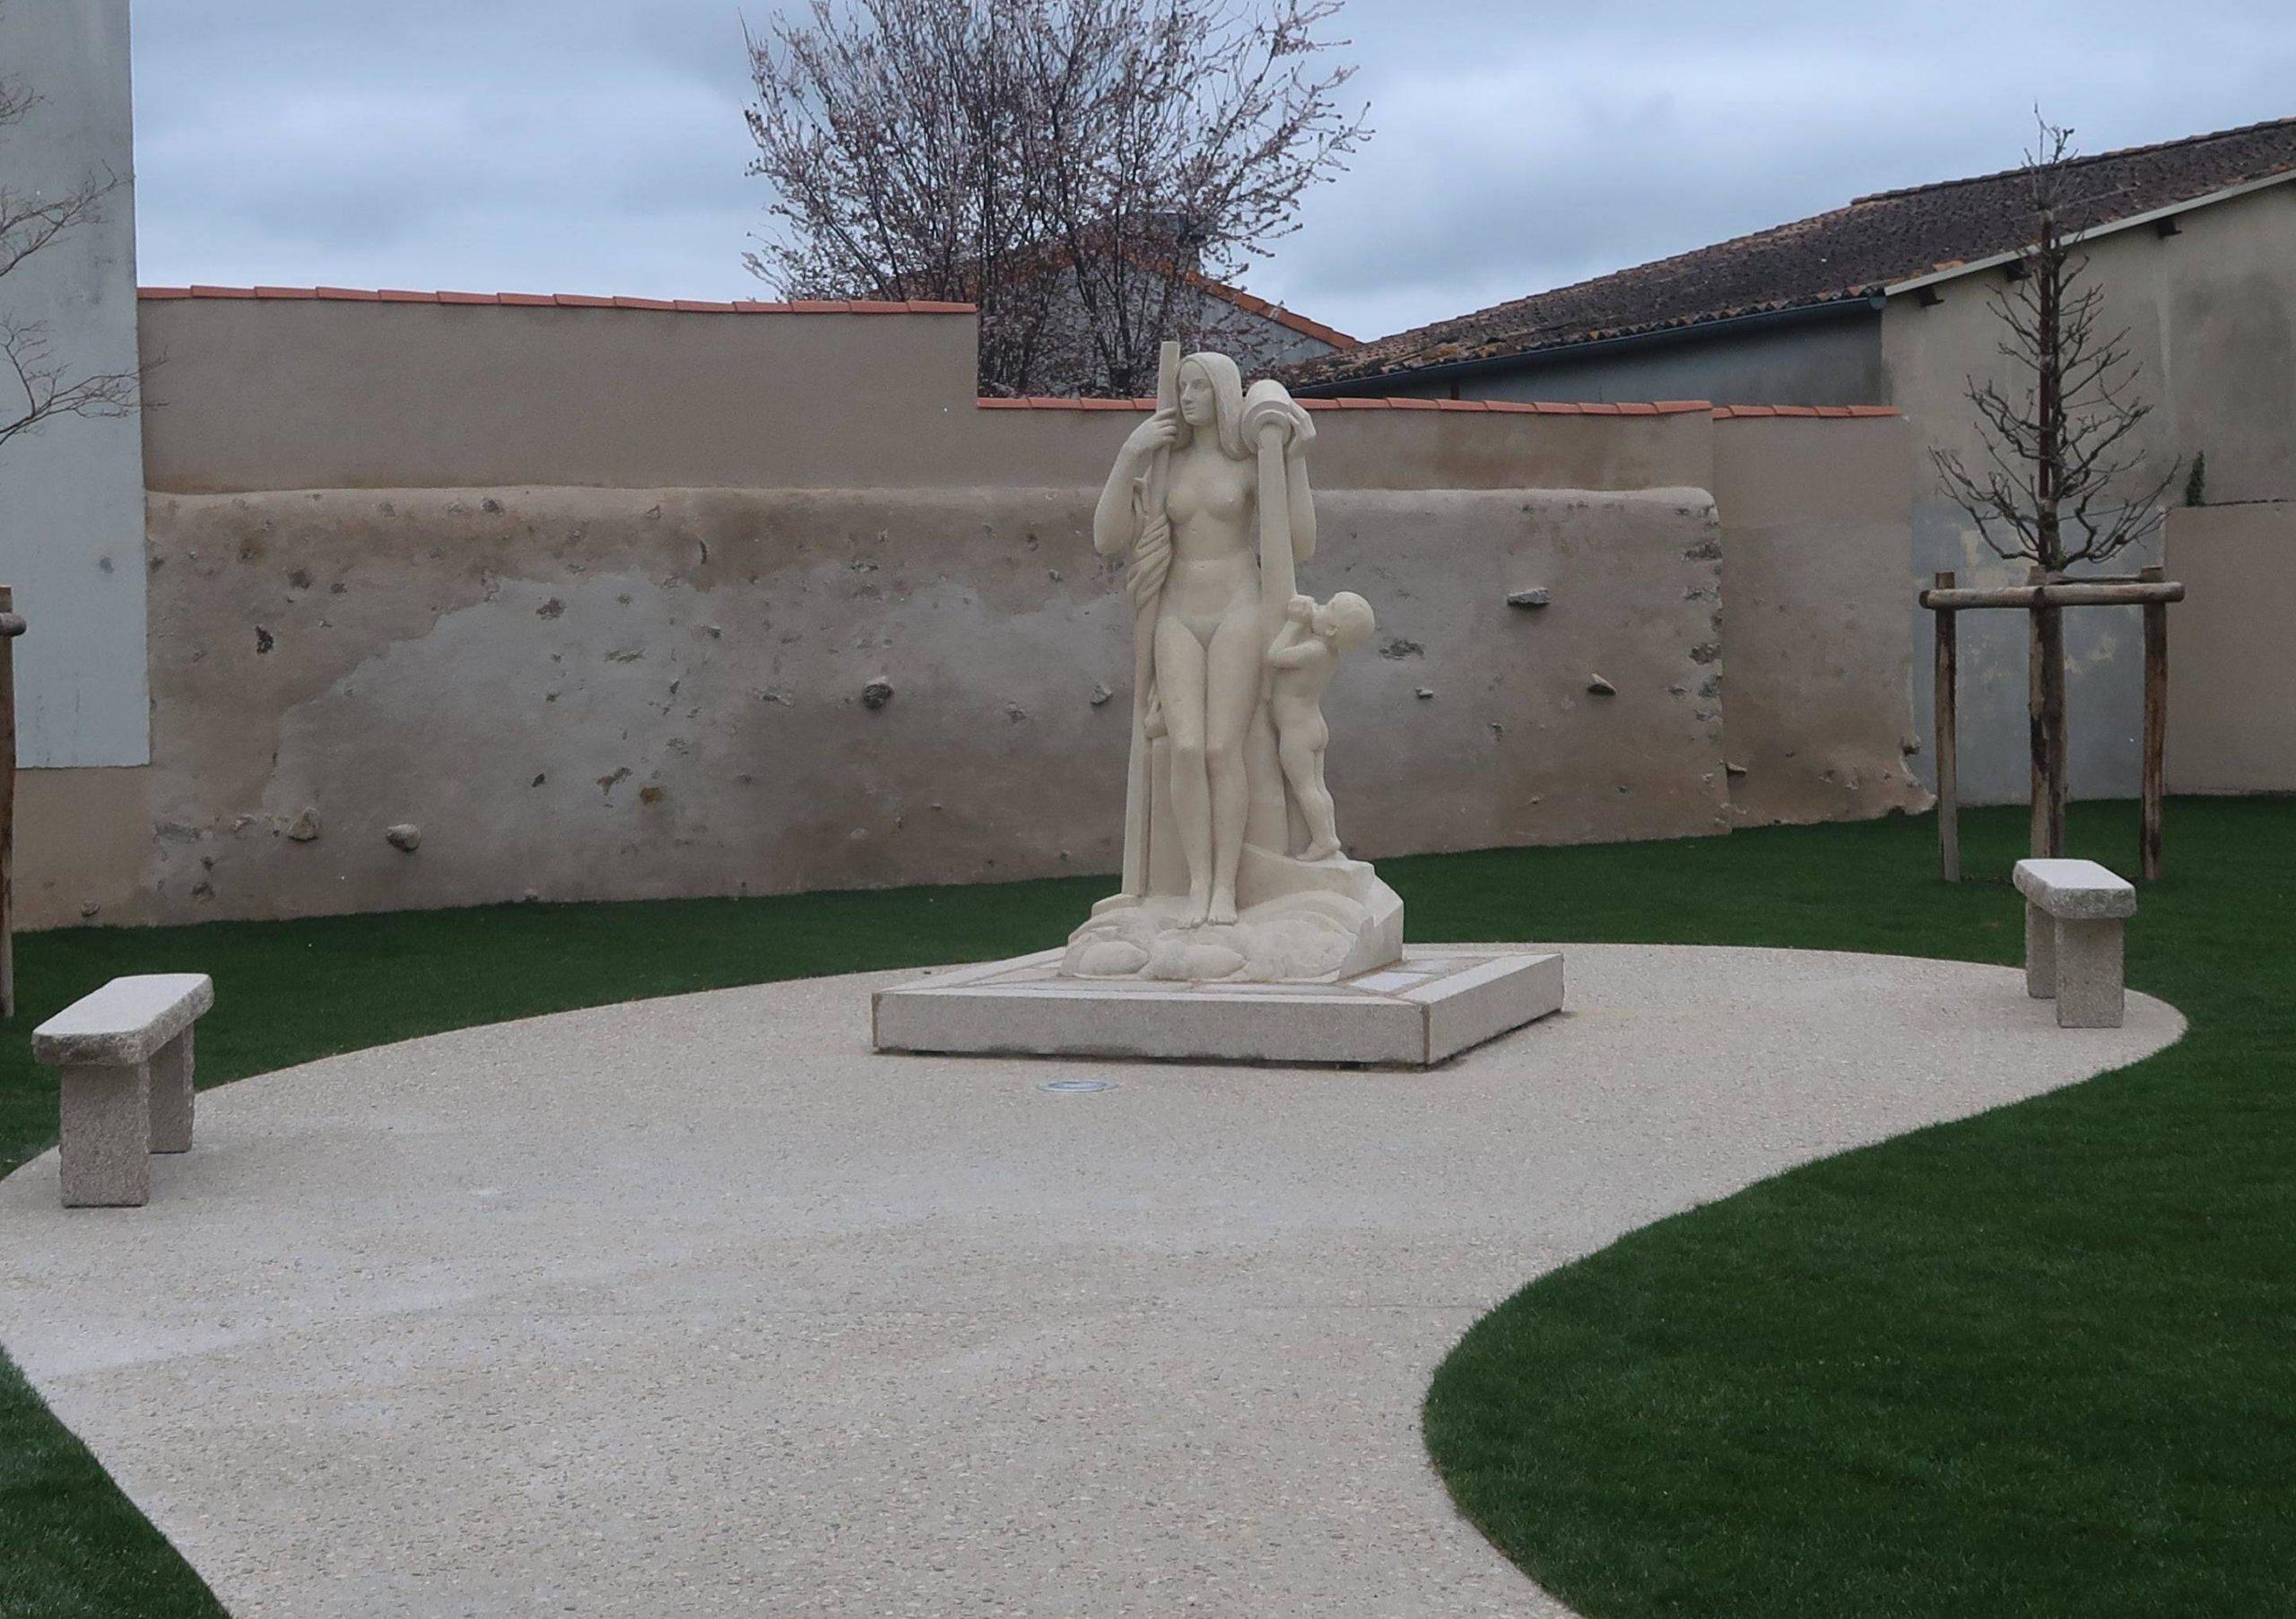 Un Nouveau Square Pour La Statue De La Rivière destiné Statues De Jardin Occasion